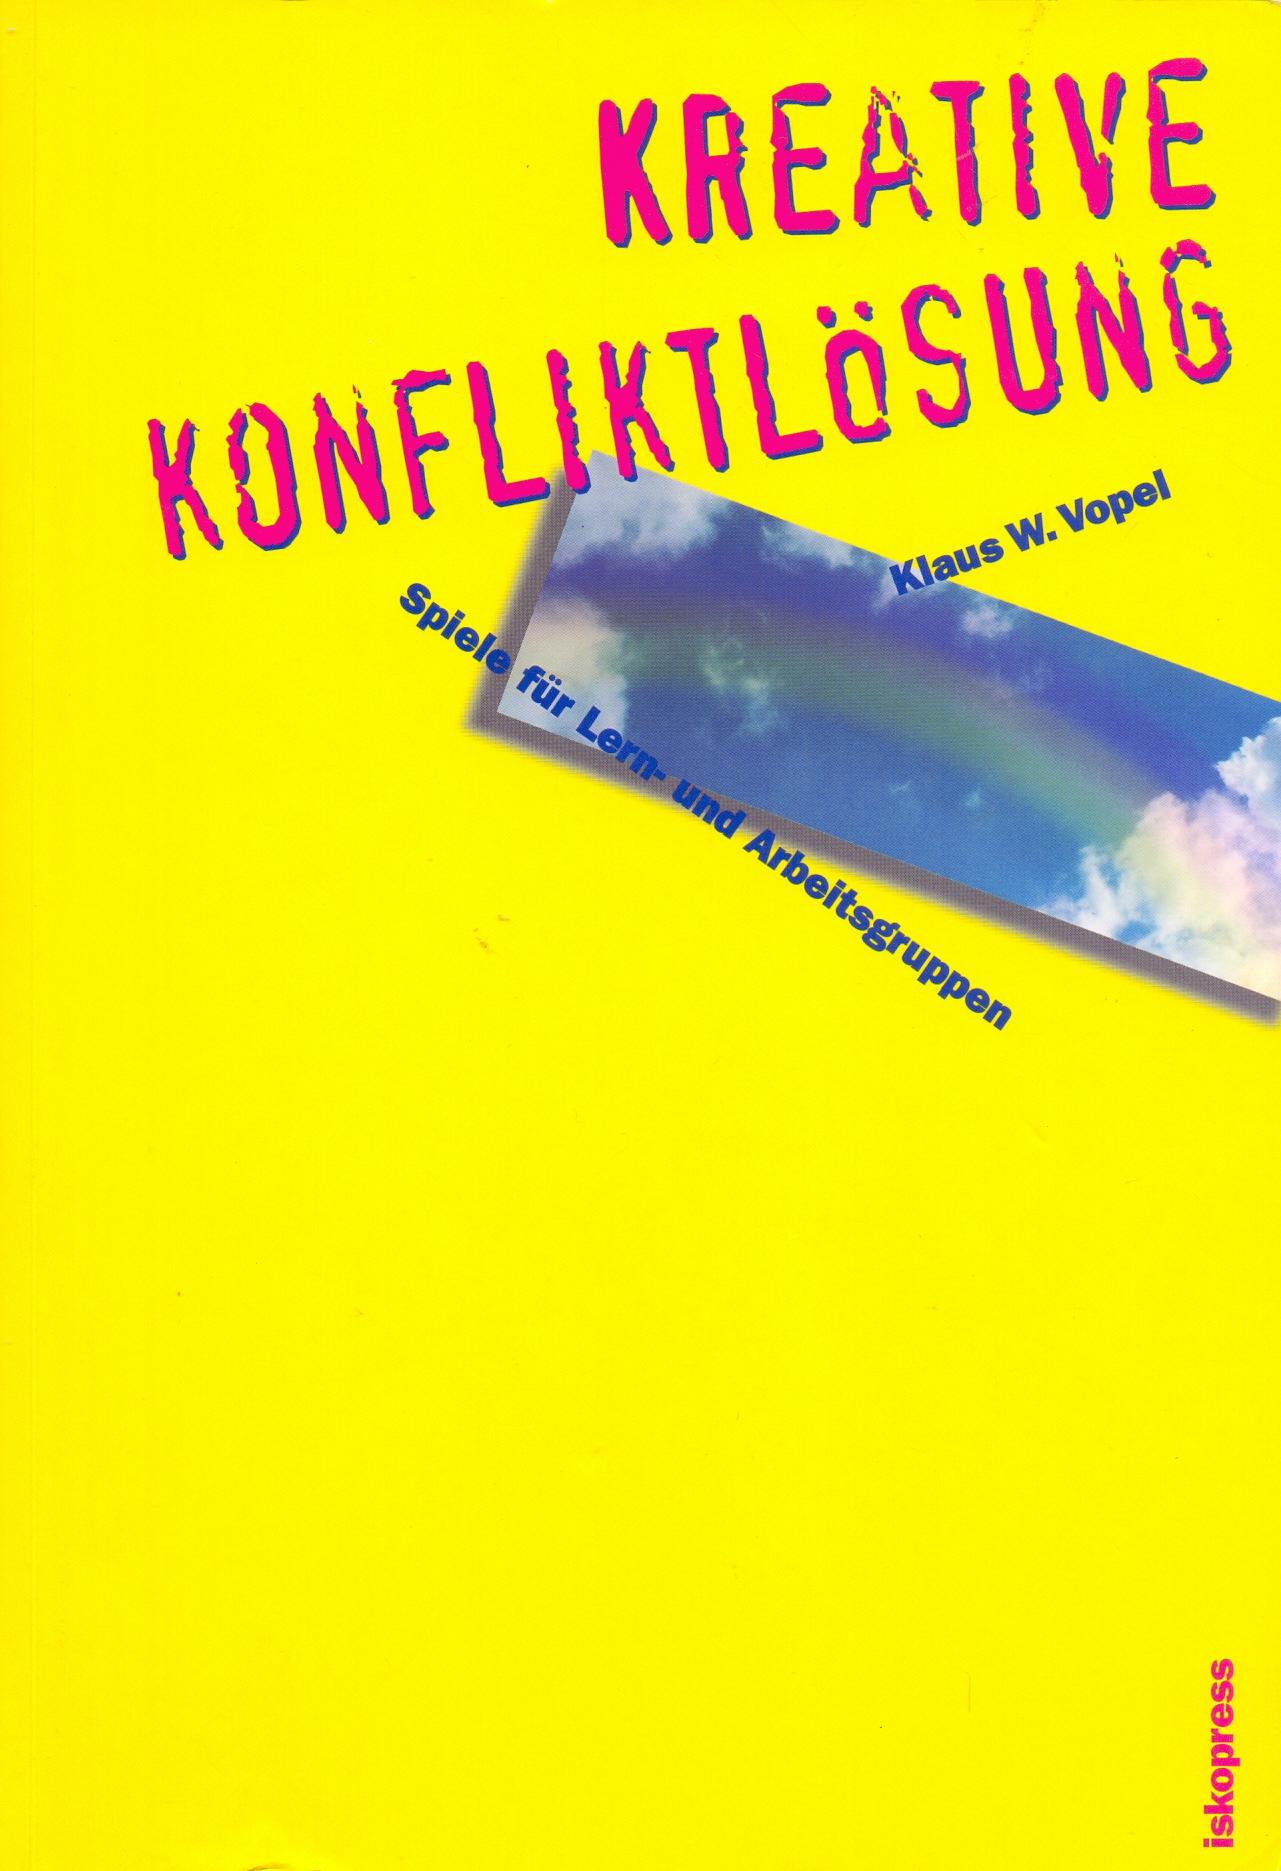 Kreative Konfliktlösung: Spiele für Lern- und Arbeitsgruppen - Klaus W. Vopel [Taschenbuch, 3. Auflage 2008]